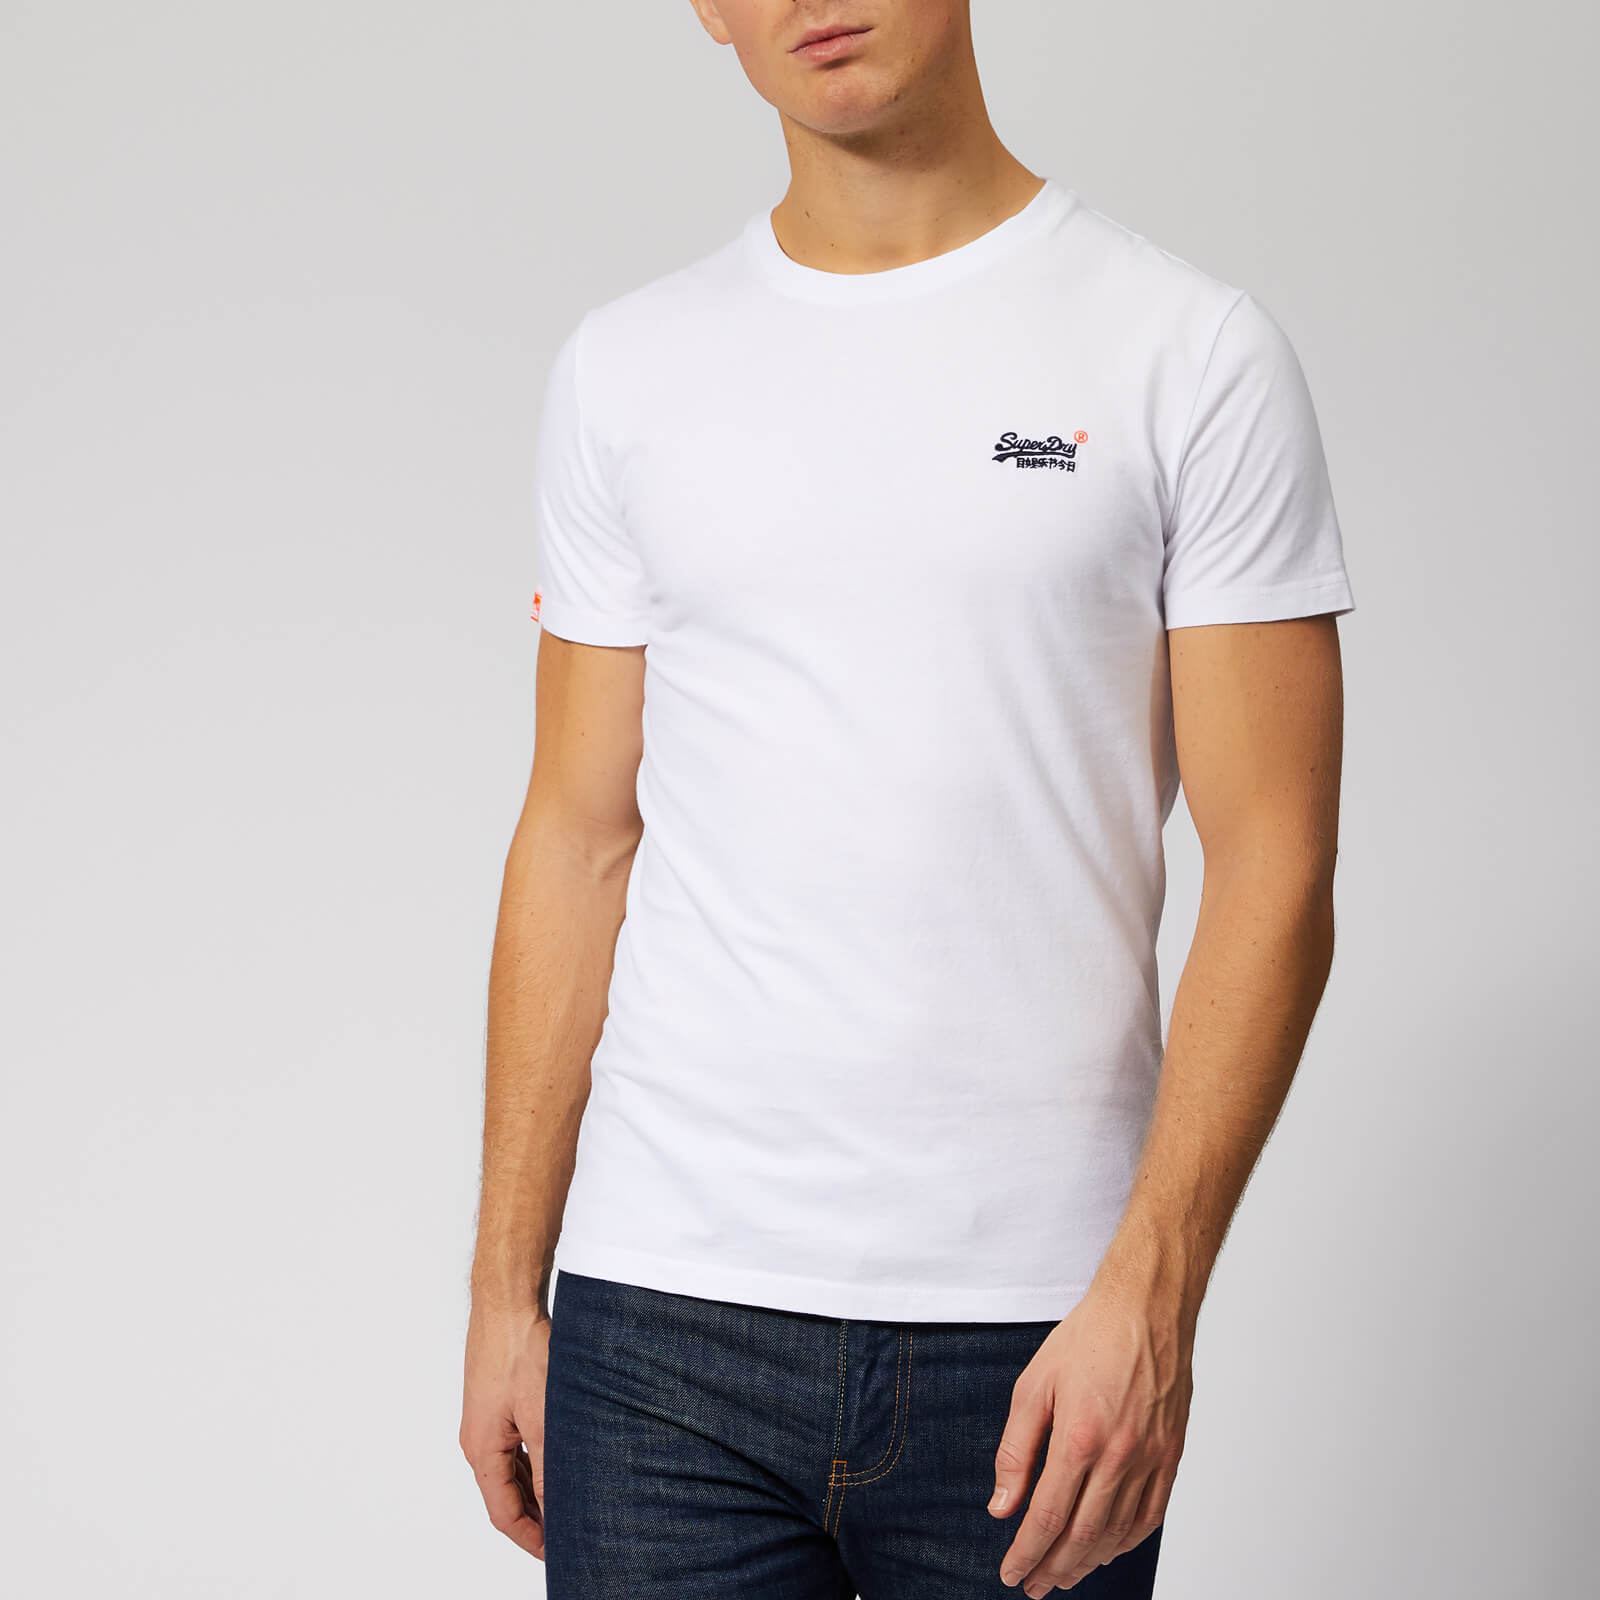 Superdry Mens New Orange Label Vintage Embroidered T Shirt